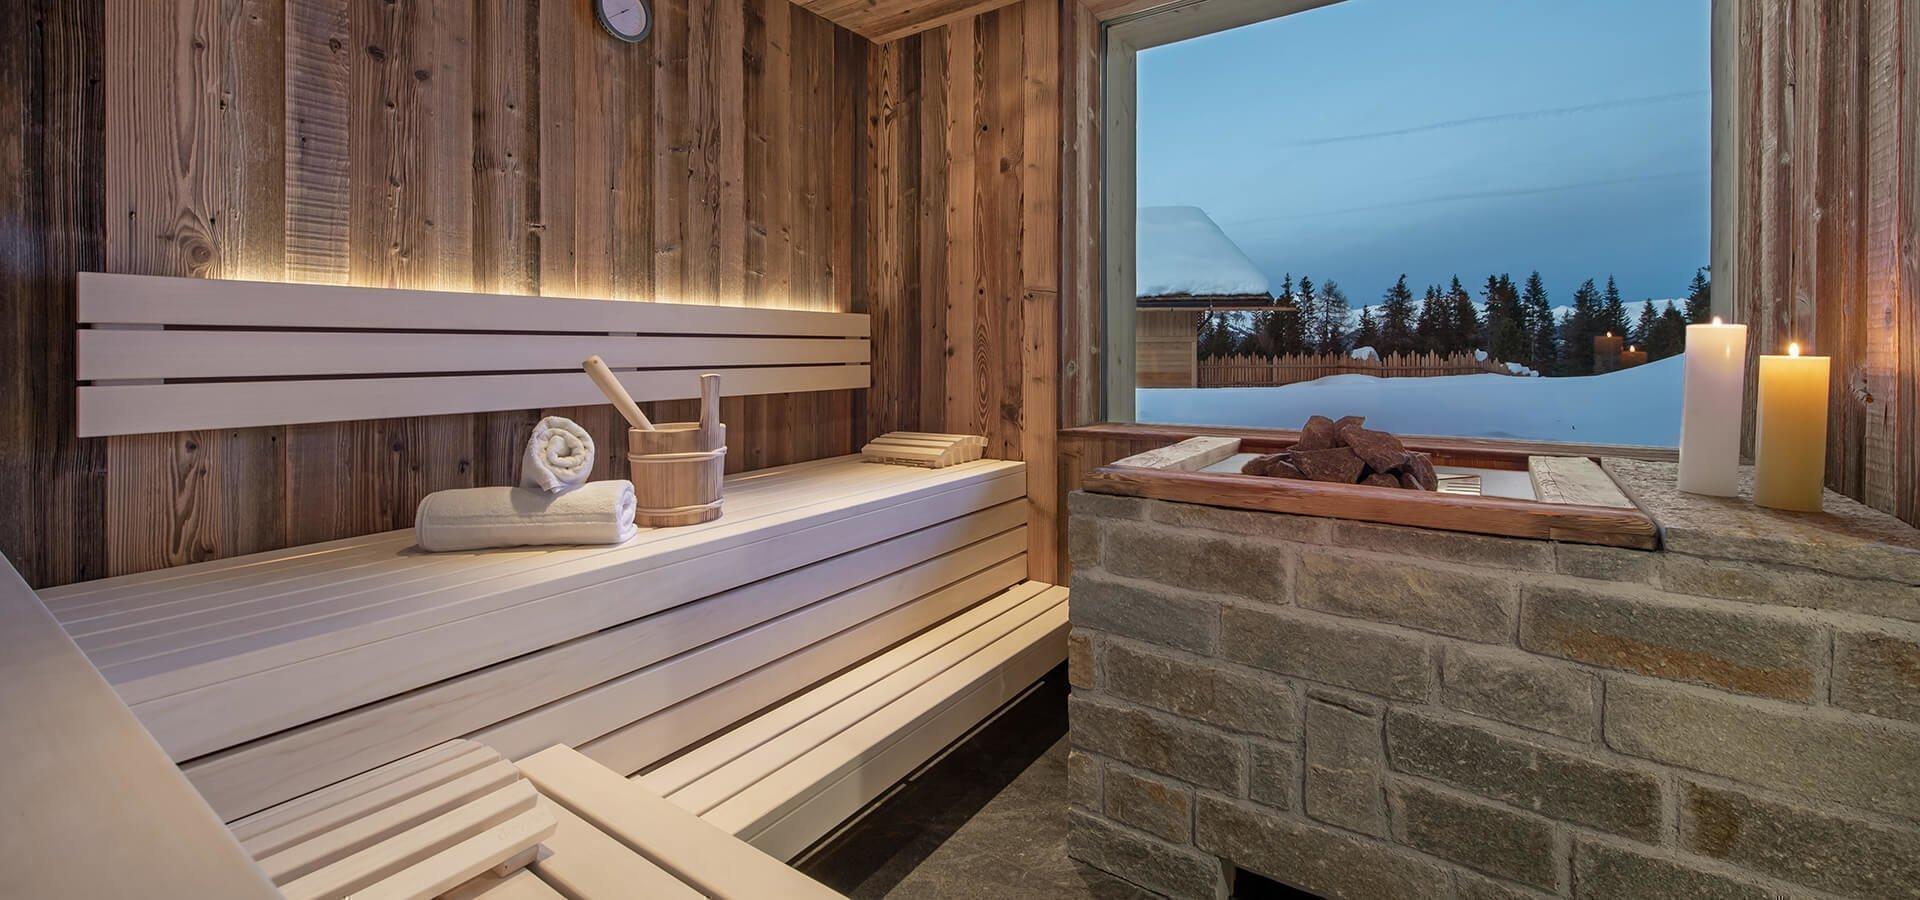 Alm-Wellness auf der Roner Alm – Alm-Sauna und mehr